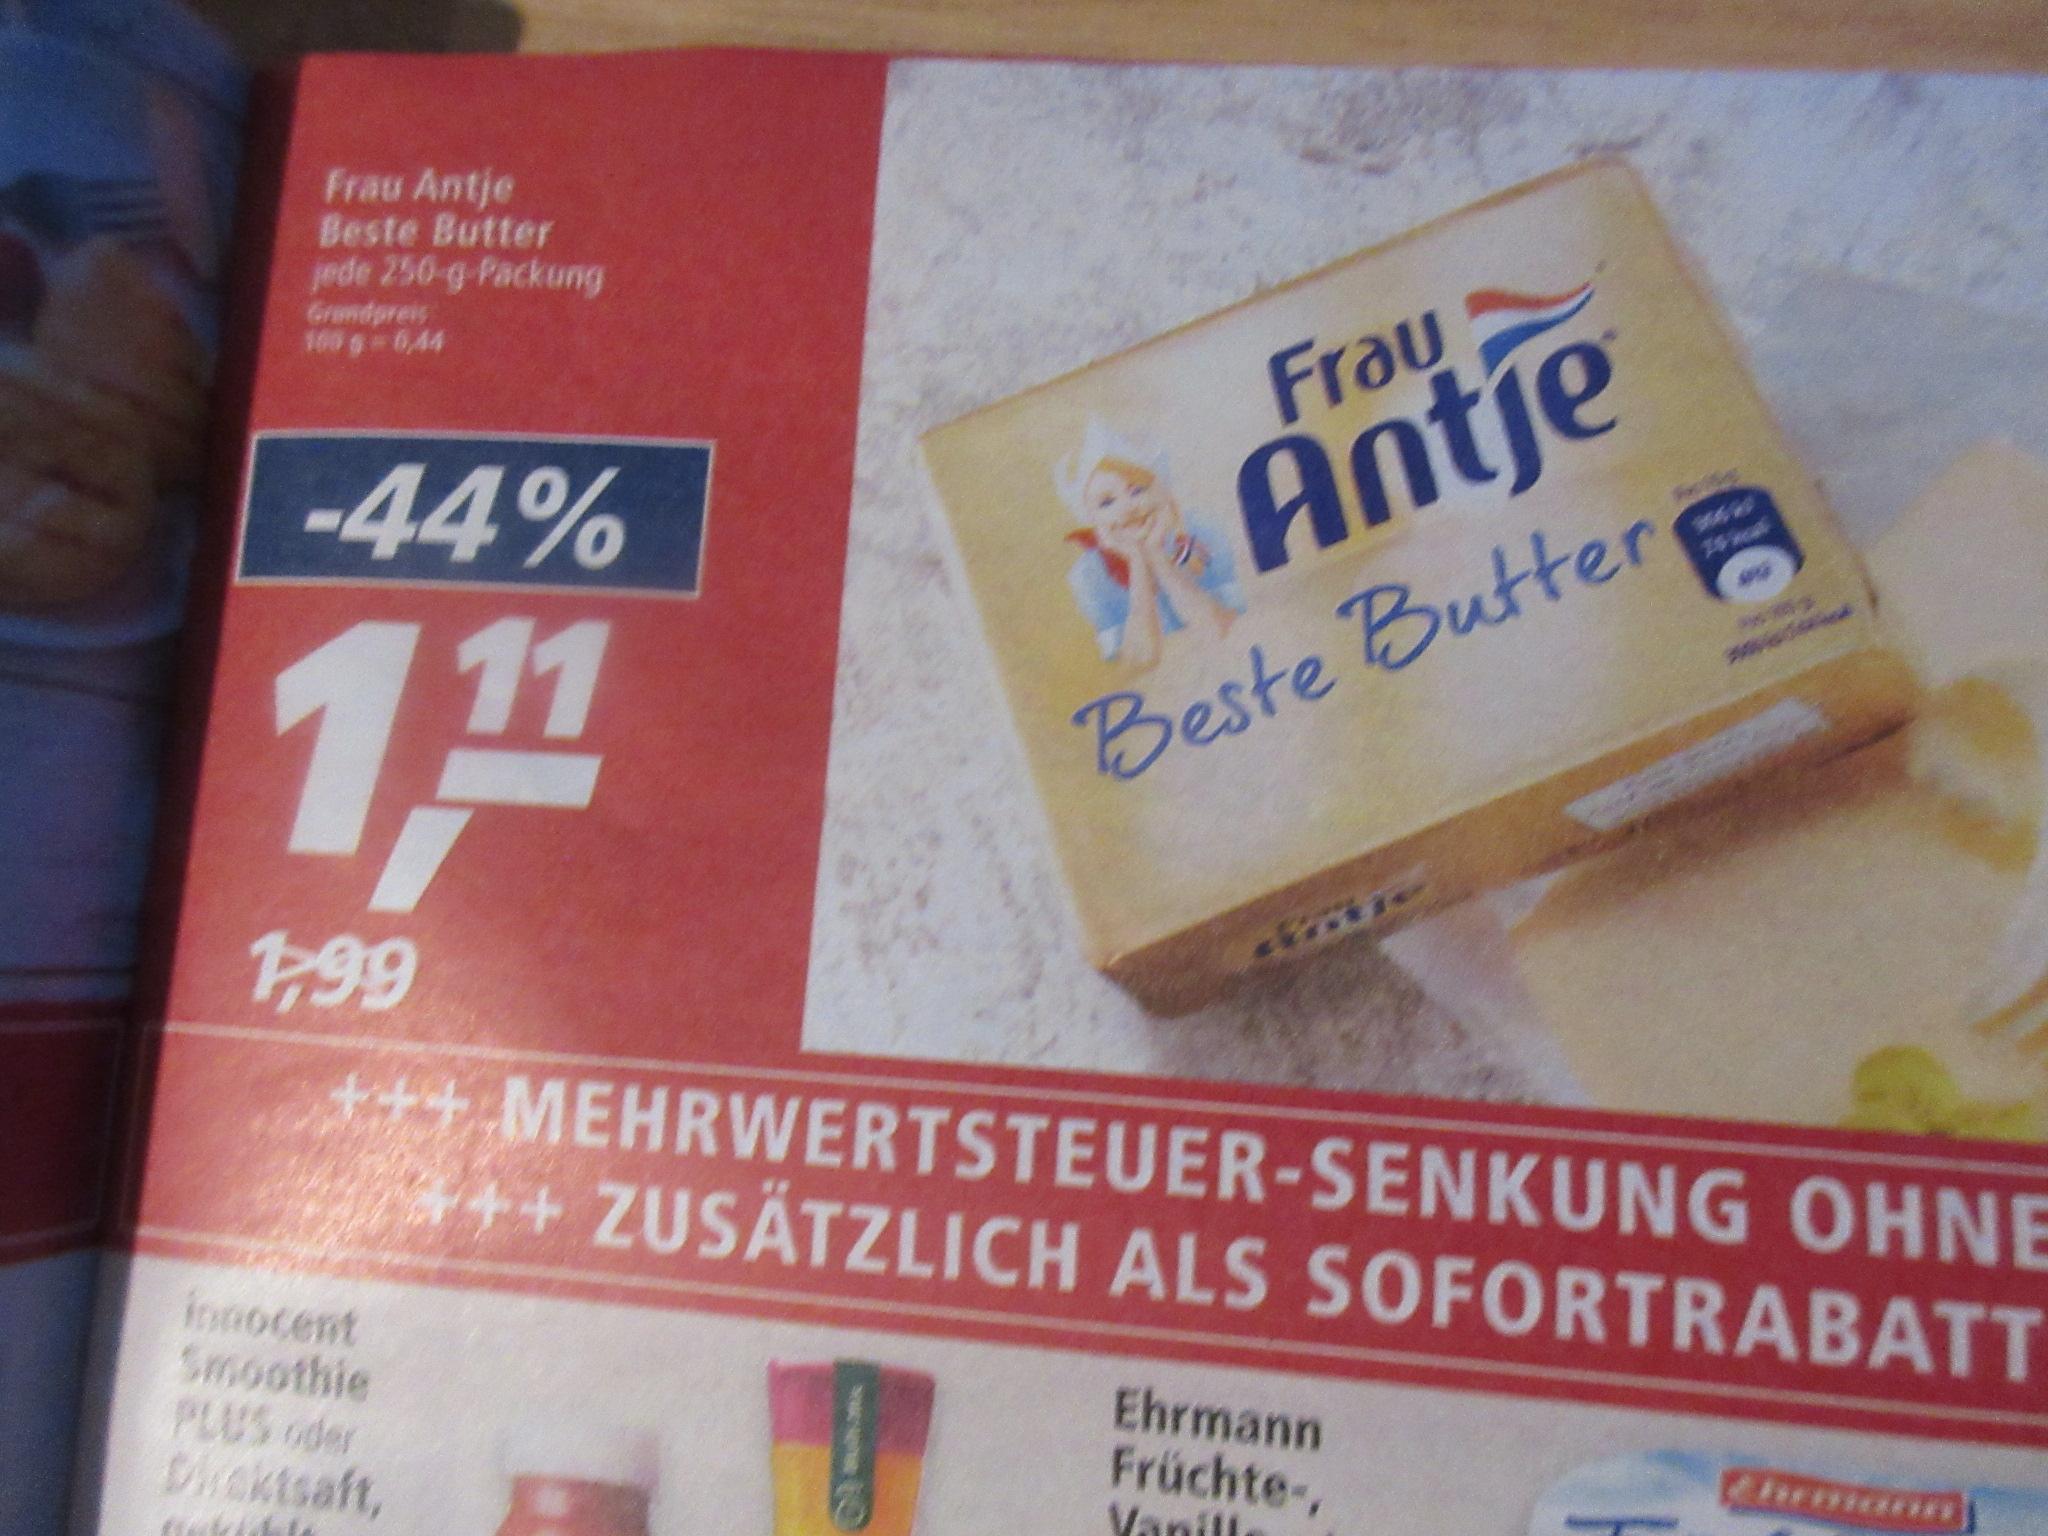 REAL - Frau Antje Butter 1,11 / Coppenrath & Wiese Brötchen für 0,99 Euro / Schwiizer Schüümli Kaffee 10,99 Euro